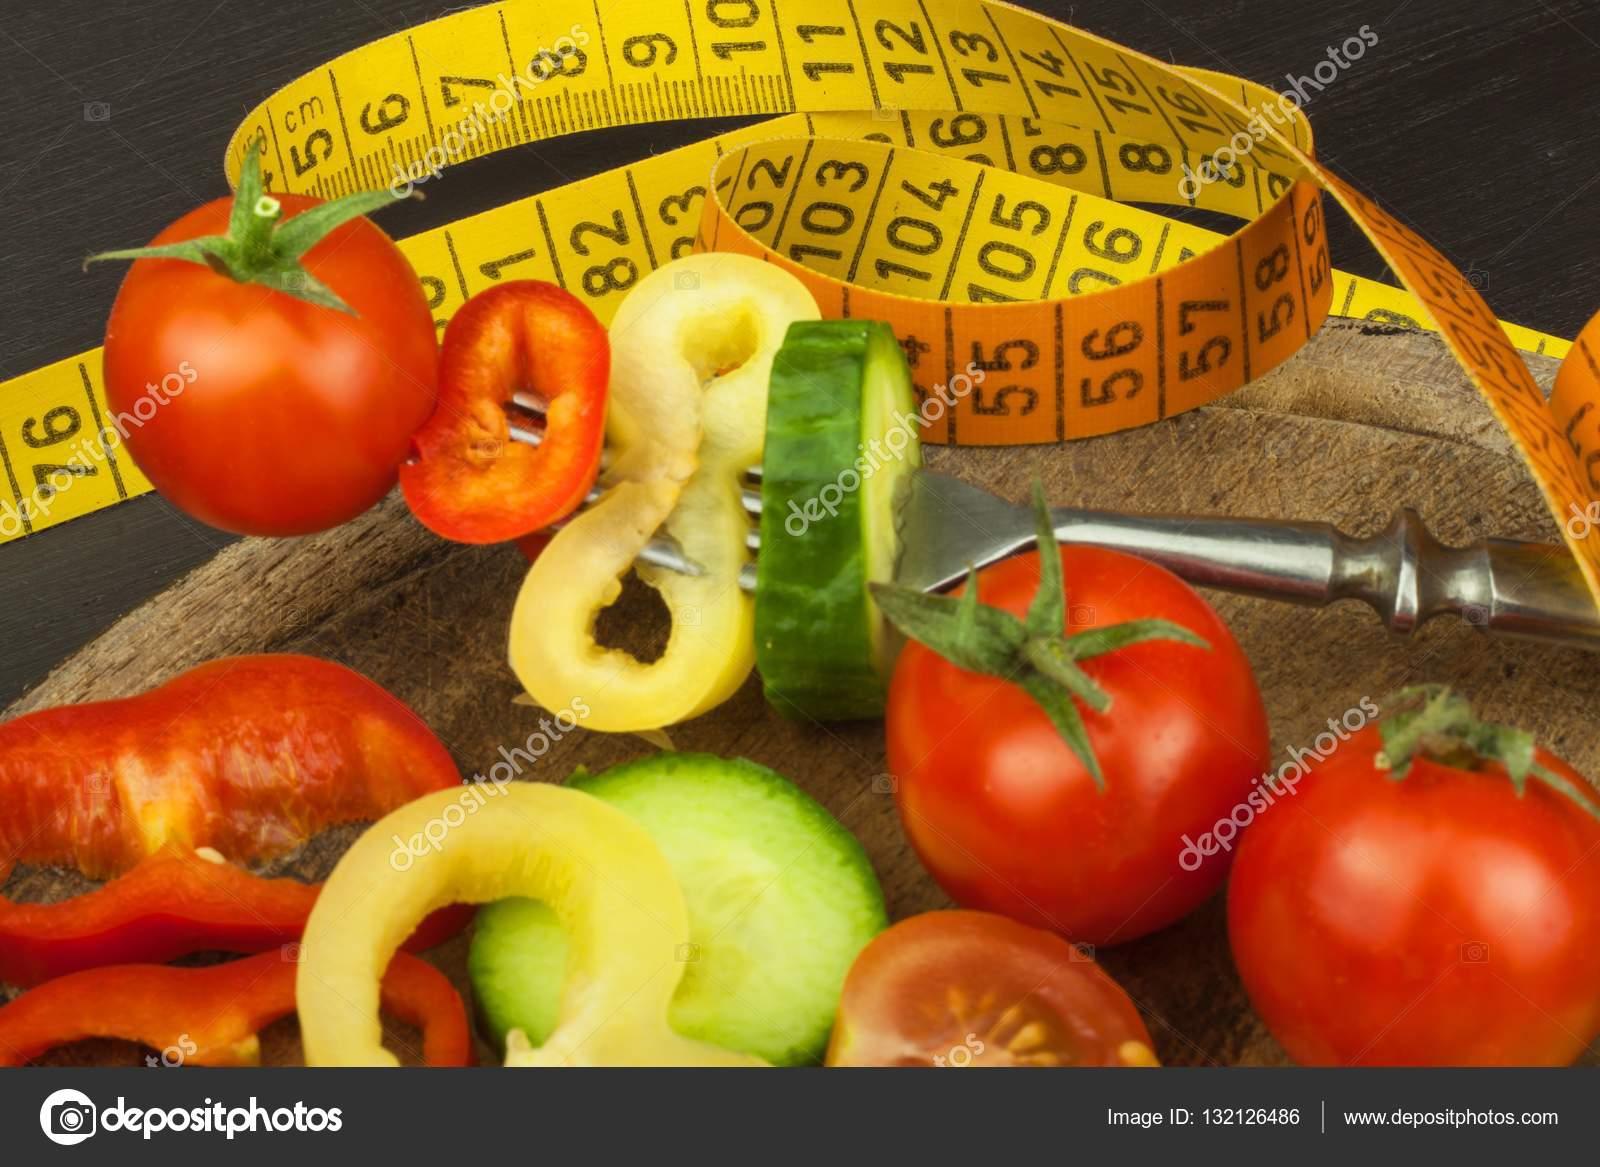 Композиция ассорти сырые органические овощи фрукты детокс диета.